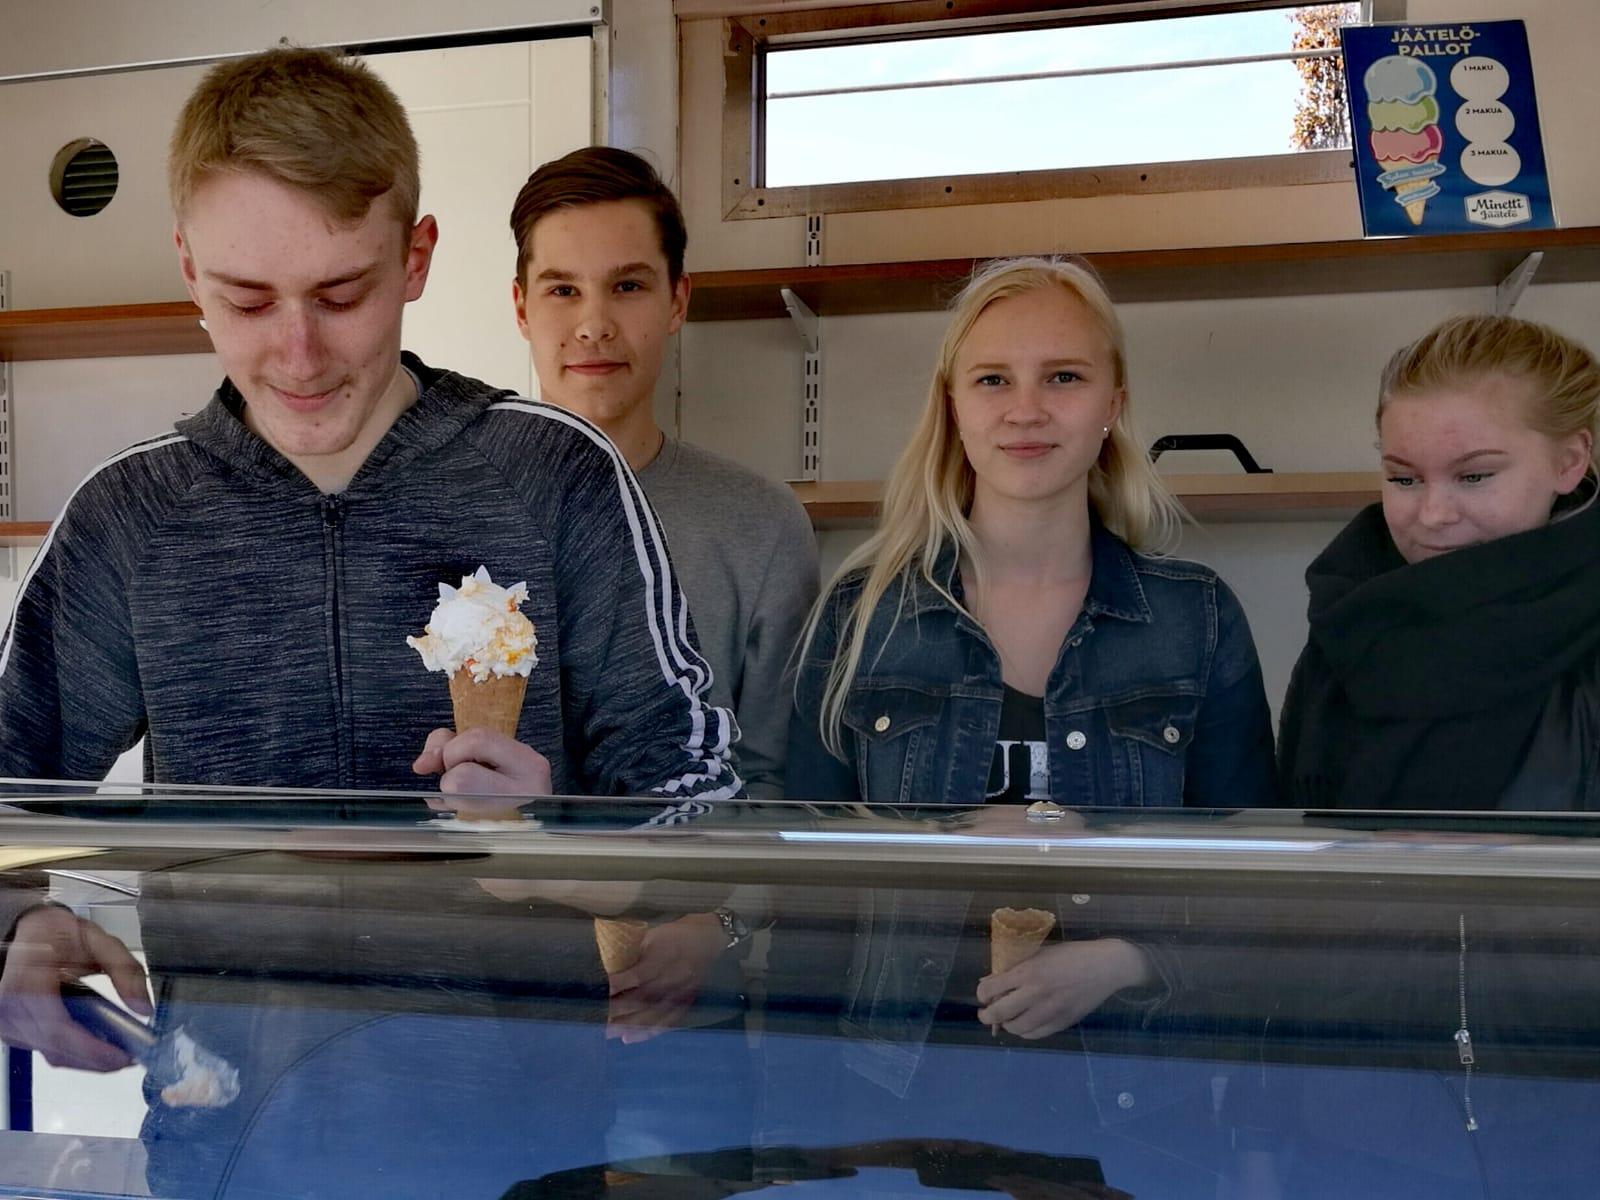 Nokialaiset nuoret yrittäjät jäätelökioskinsa tiskin takana. Yksi nuorista ojenaa jäätelötötteröä.